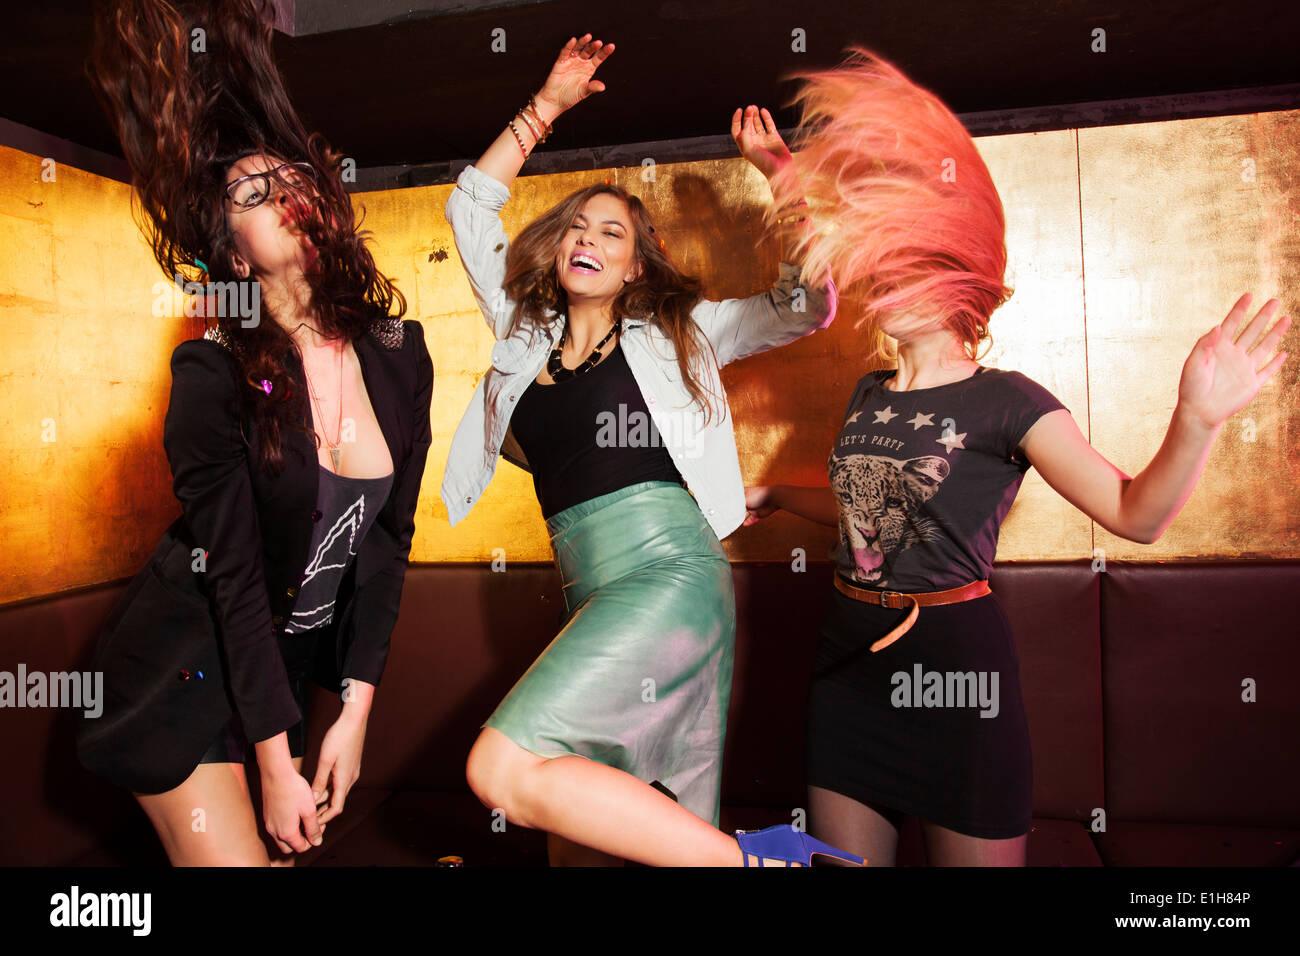 Cuatro amigas bailando en la discoteca Imagen De Stock